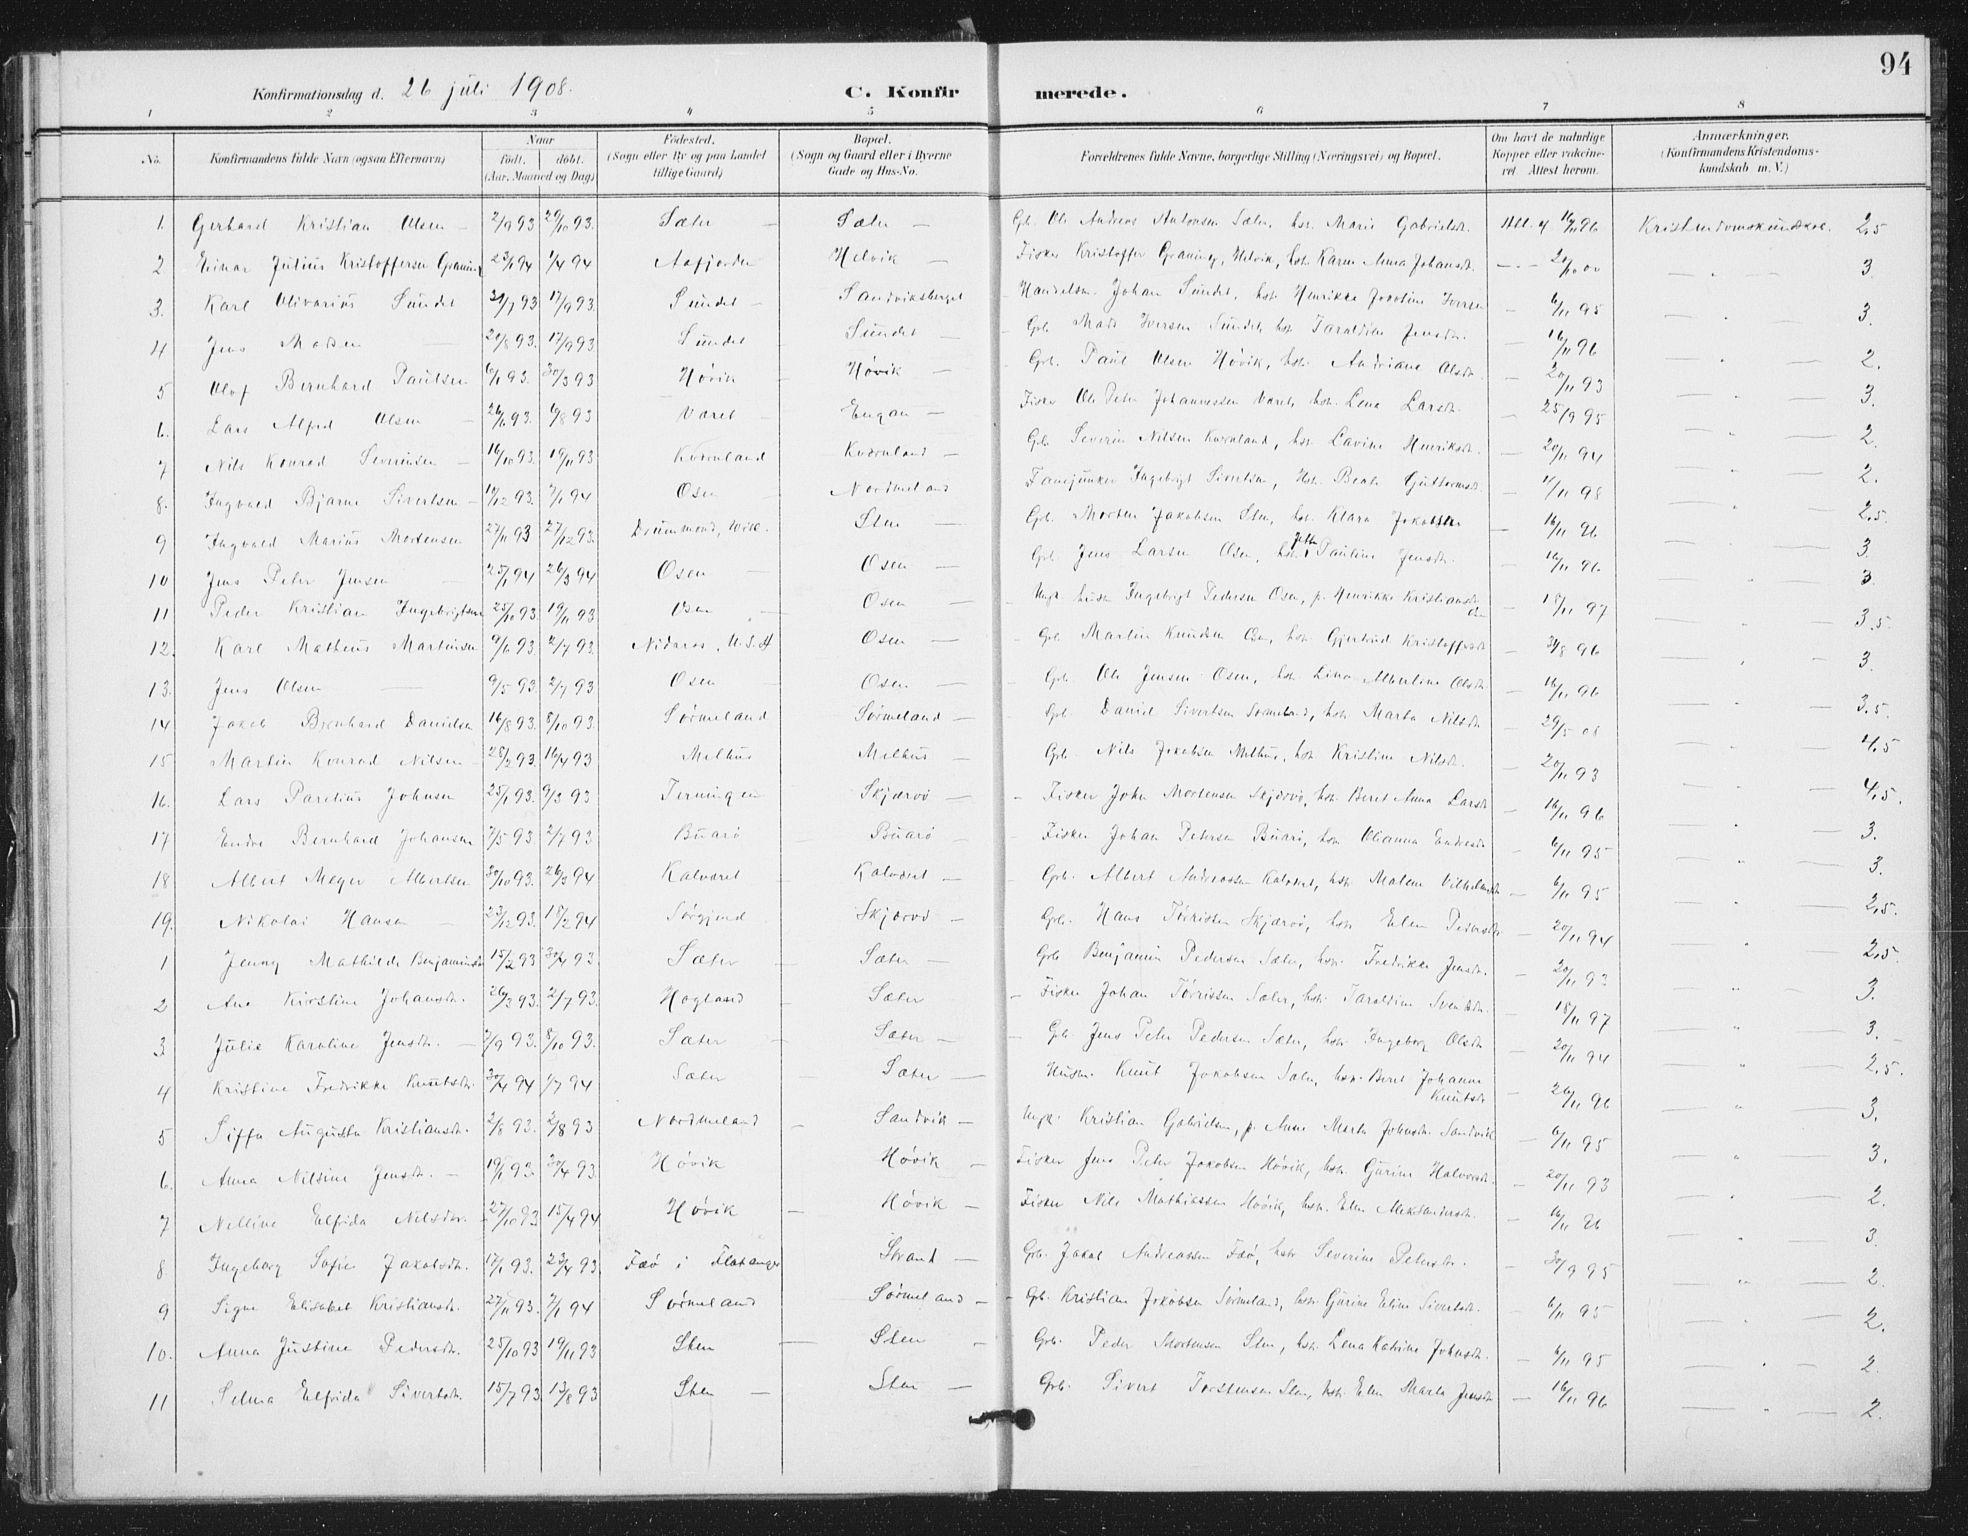 SAT, Ministerialprotokoller, klokkerbøker og fødselsregistre - Sør-Trøndelag, 658/L0723: Ministerialbok nr. 658A02, 1897-1912, s. 94